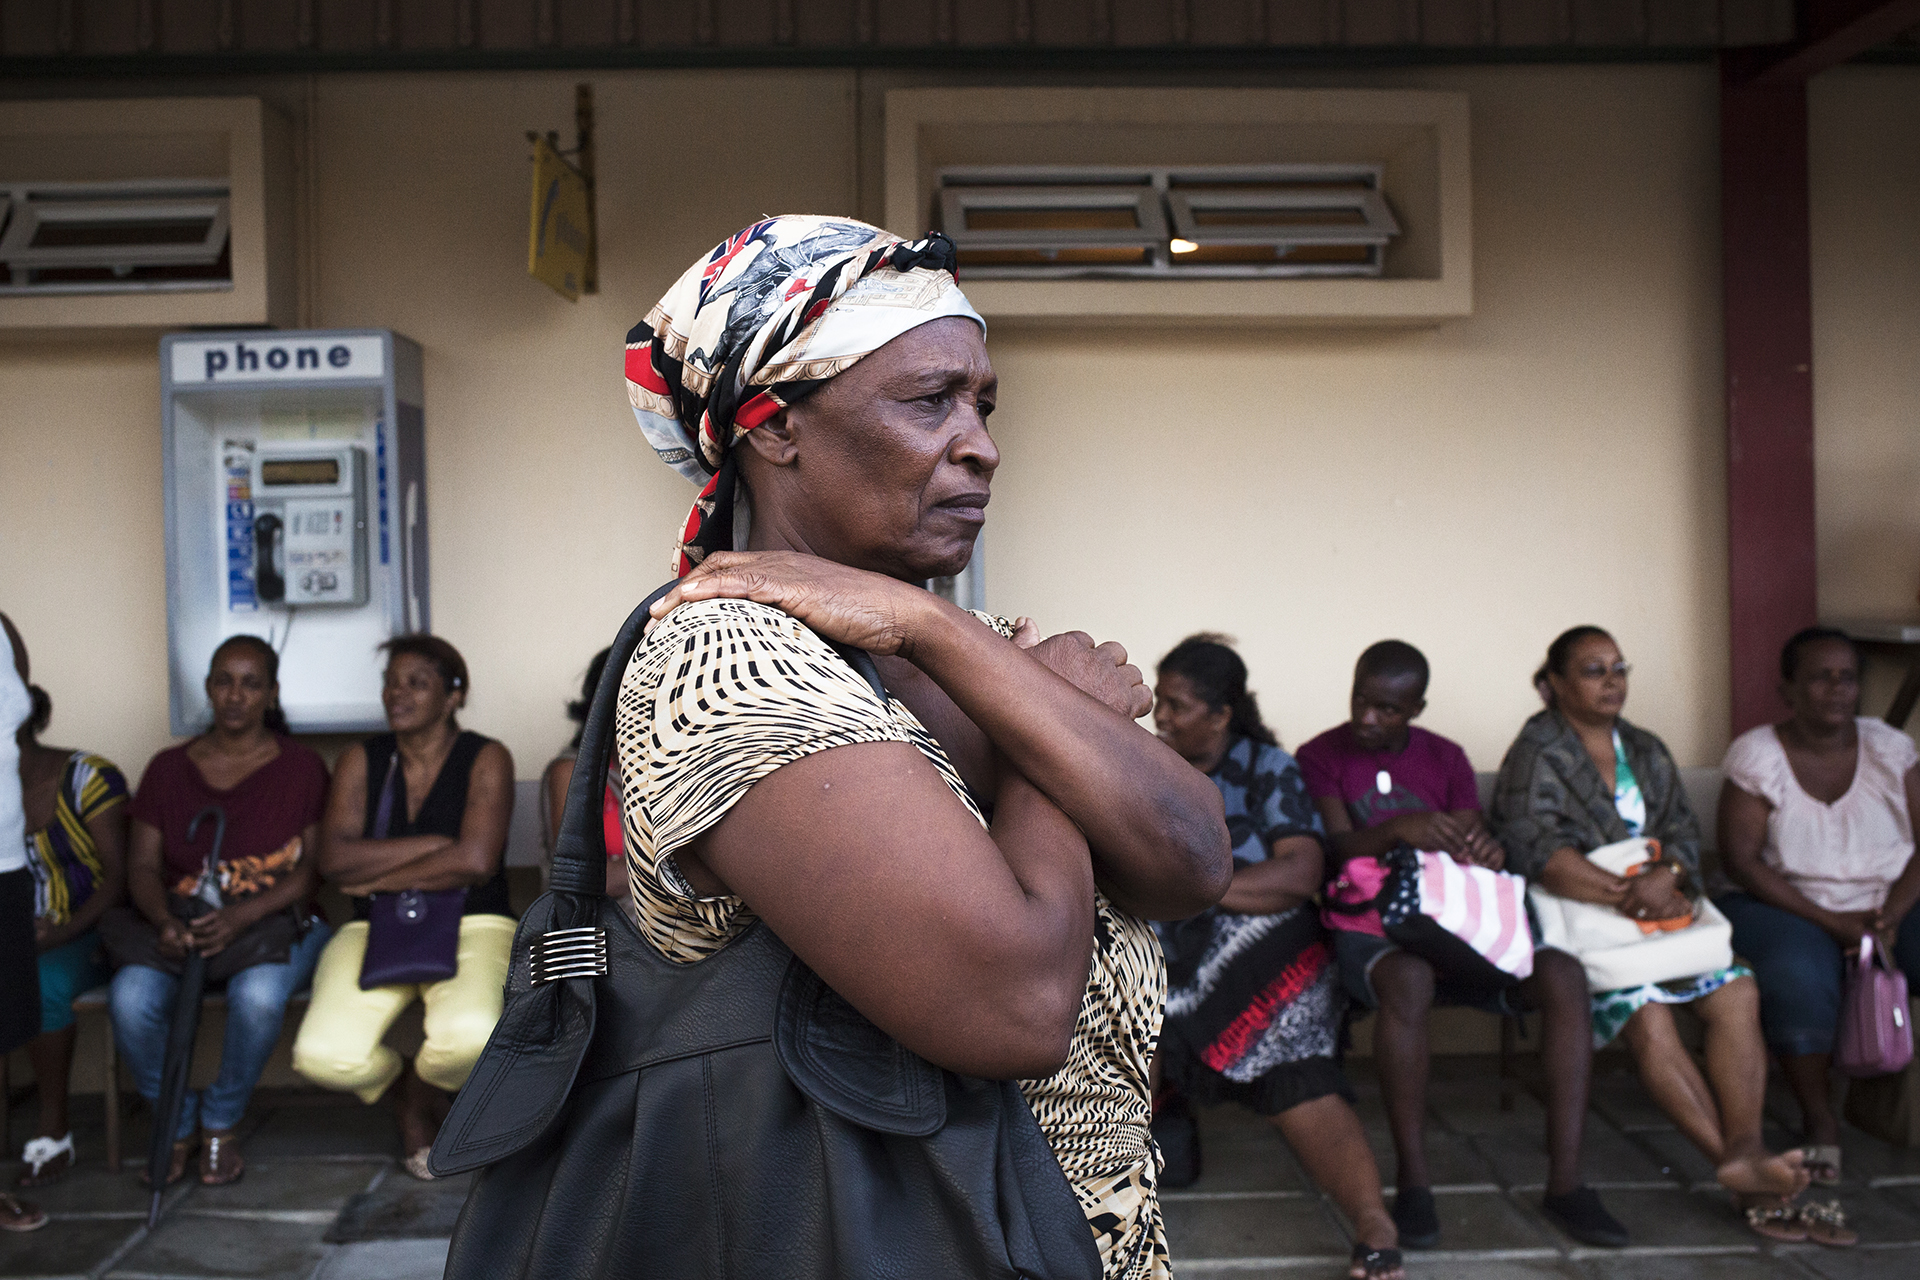 Rosemoun est née sur l'île de Salomon, aux Chagos. Elle a été déplacée sur l'île Maurice en 1972, accompagnée de son premier enfant et de son mari mort depuis. Dix ans qu'elle est mariée à Emilien et habite dans le quartier de Roche Bois. Nou na fait plein pétitions ek Obama, mais rien.Angleterre, rien.Maurice, rien.Personne fait rien pour nous.Imazin ou l'est dan' l'endroit ou vit, ou travaille, ou élève zenfants… Maurice i enlèv' tout, i déplace ou ailler et na rien ! Point de compensation ? Sans conditions ? Lé normal ? Ou peut vivre normalement ? Même quarante ans après ? Ou peut oubli out paradis ? Nou vivait tranquille, nou vivait sans embèt' personne. I prend pour faire base militaire. Nou parte et pour pour quoi ? Pour rien ? C'est grâce a chagossien que Maurice gagne indépendance et ? Quoi pour nous ? Vivre dans la misère ?